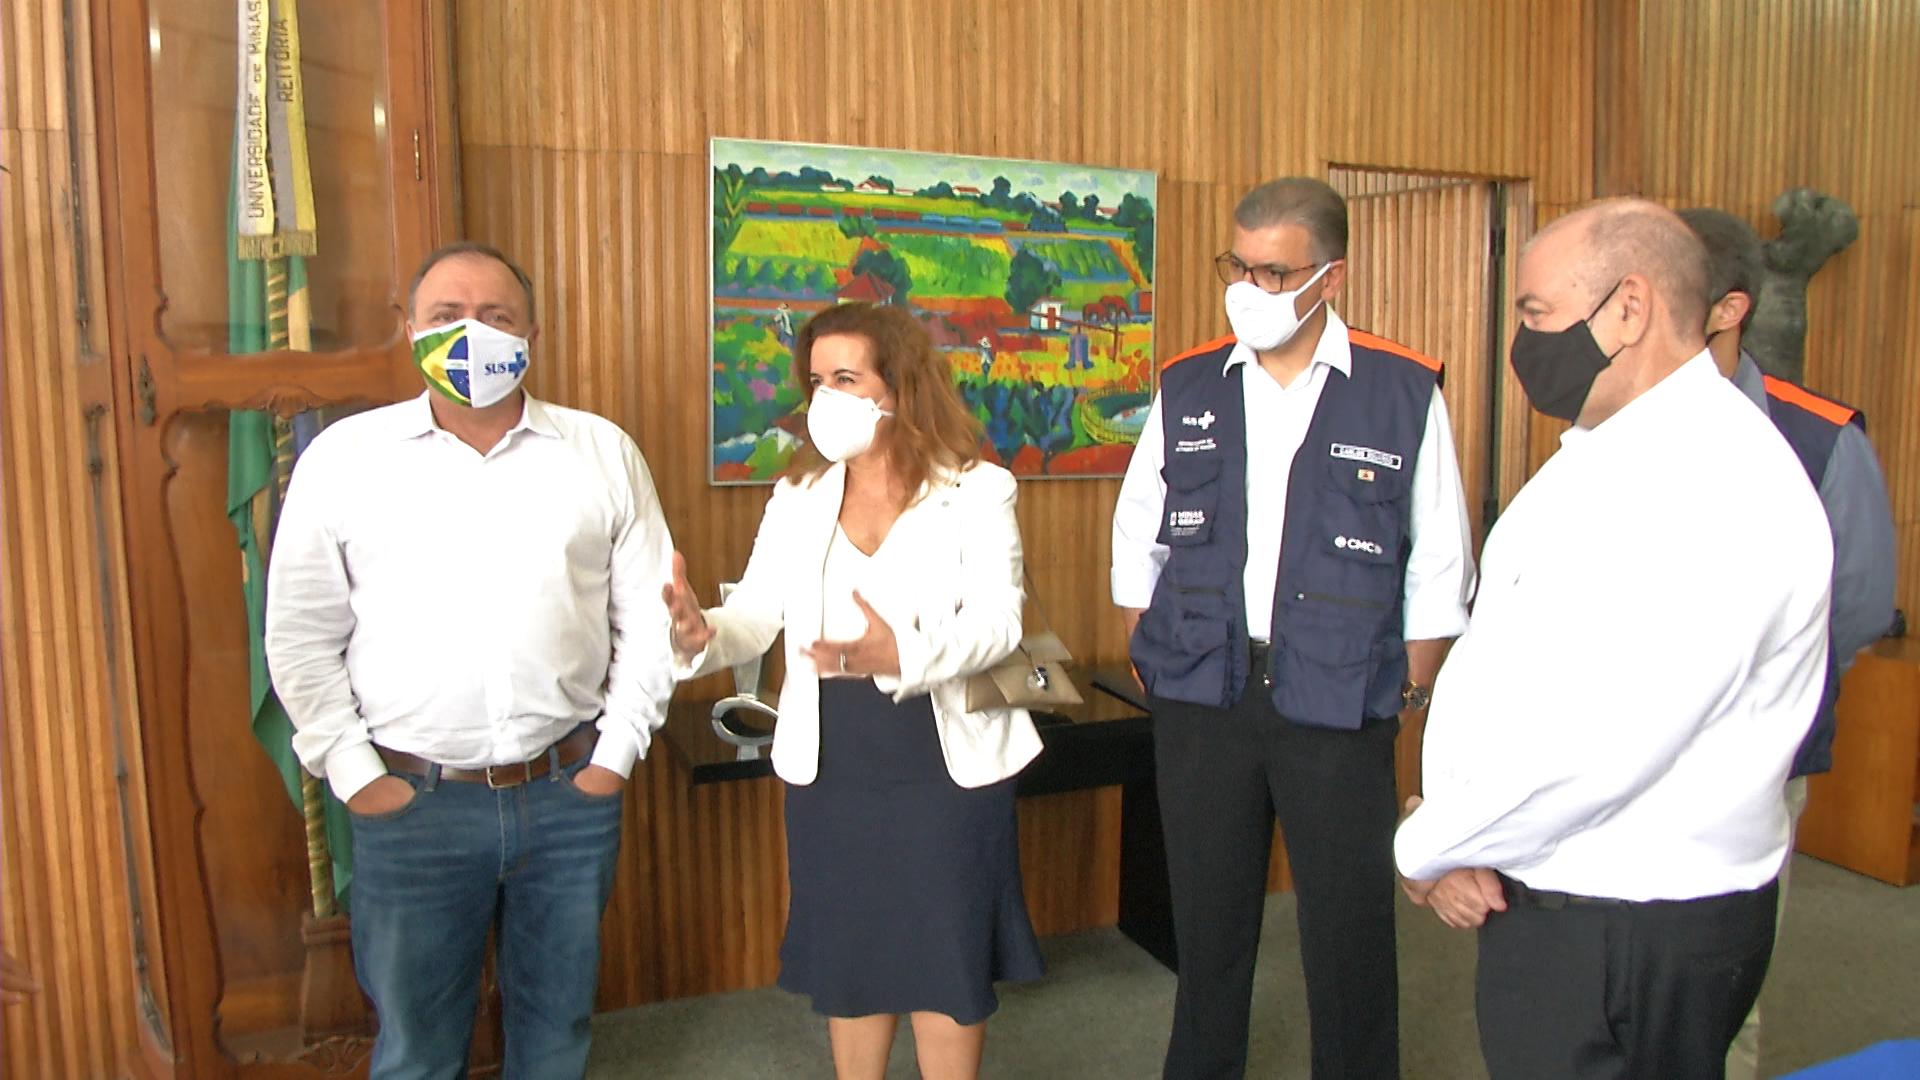 Eduardo Pazzuelo, a reitora Sandra Goulart Almeida, o secretário de Saúde de Minas Gerais, Carlos Eduardo, e Arnaldo Medeiros